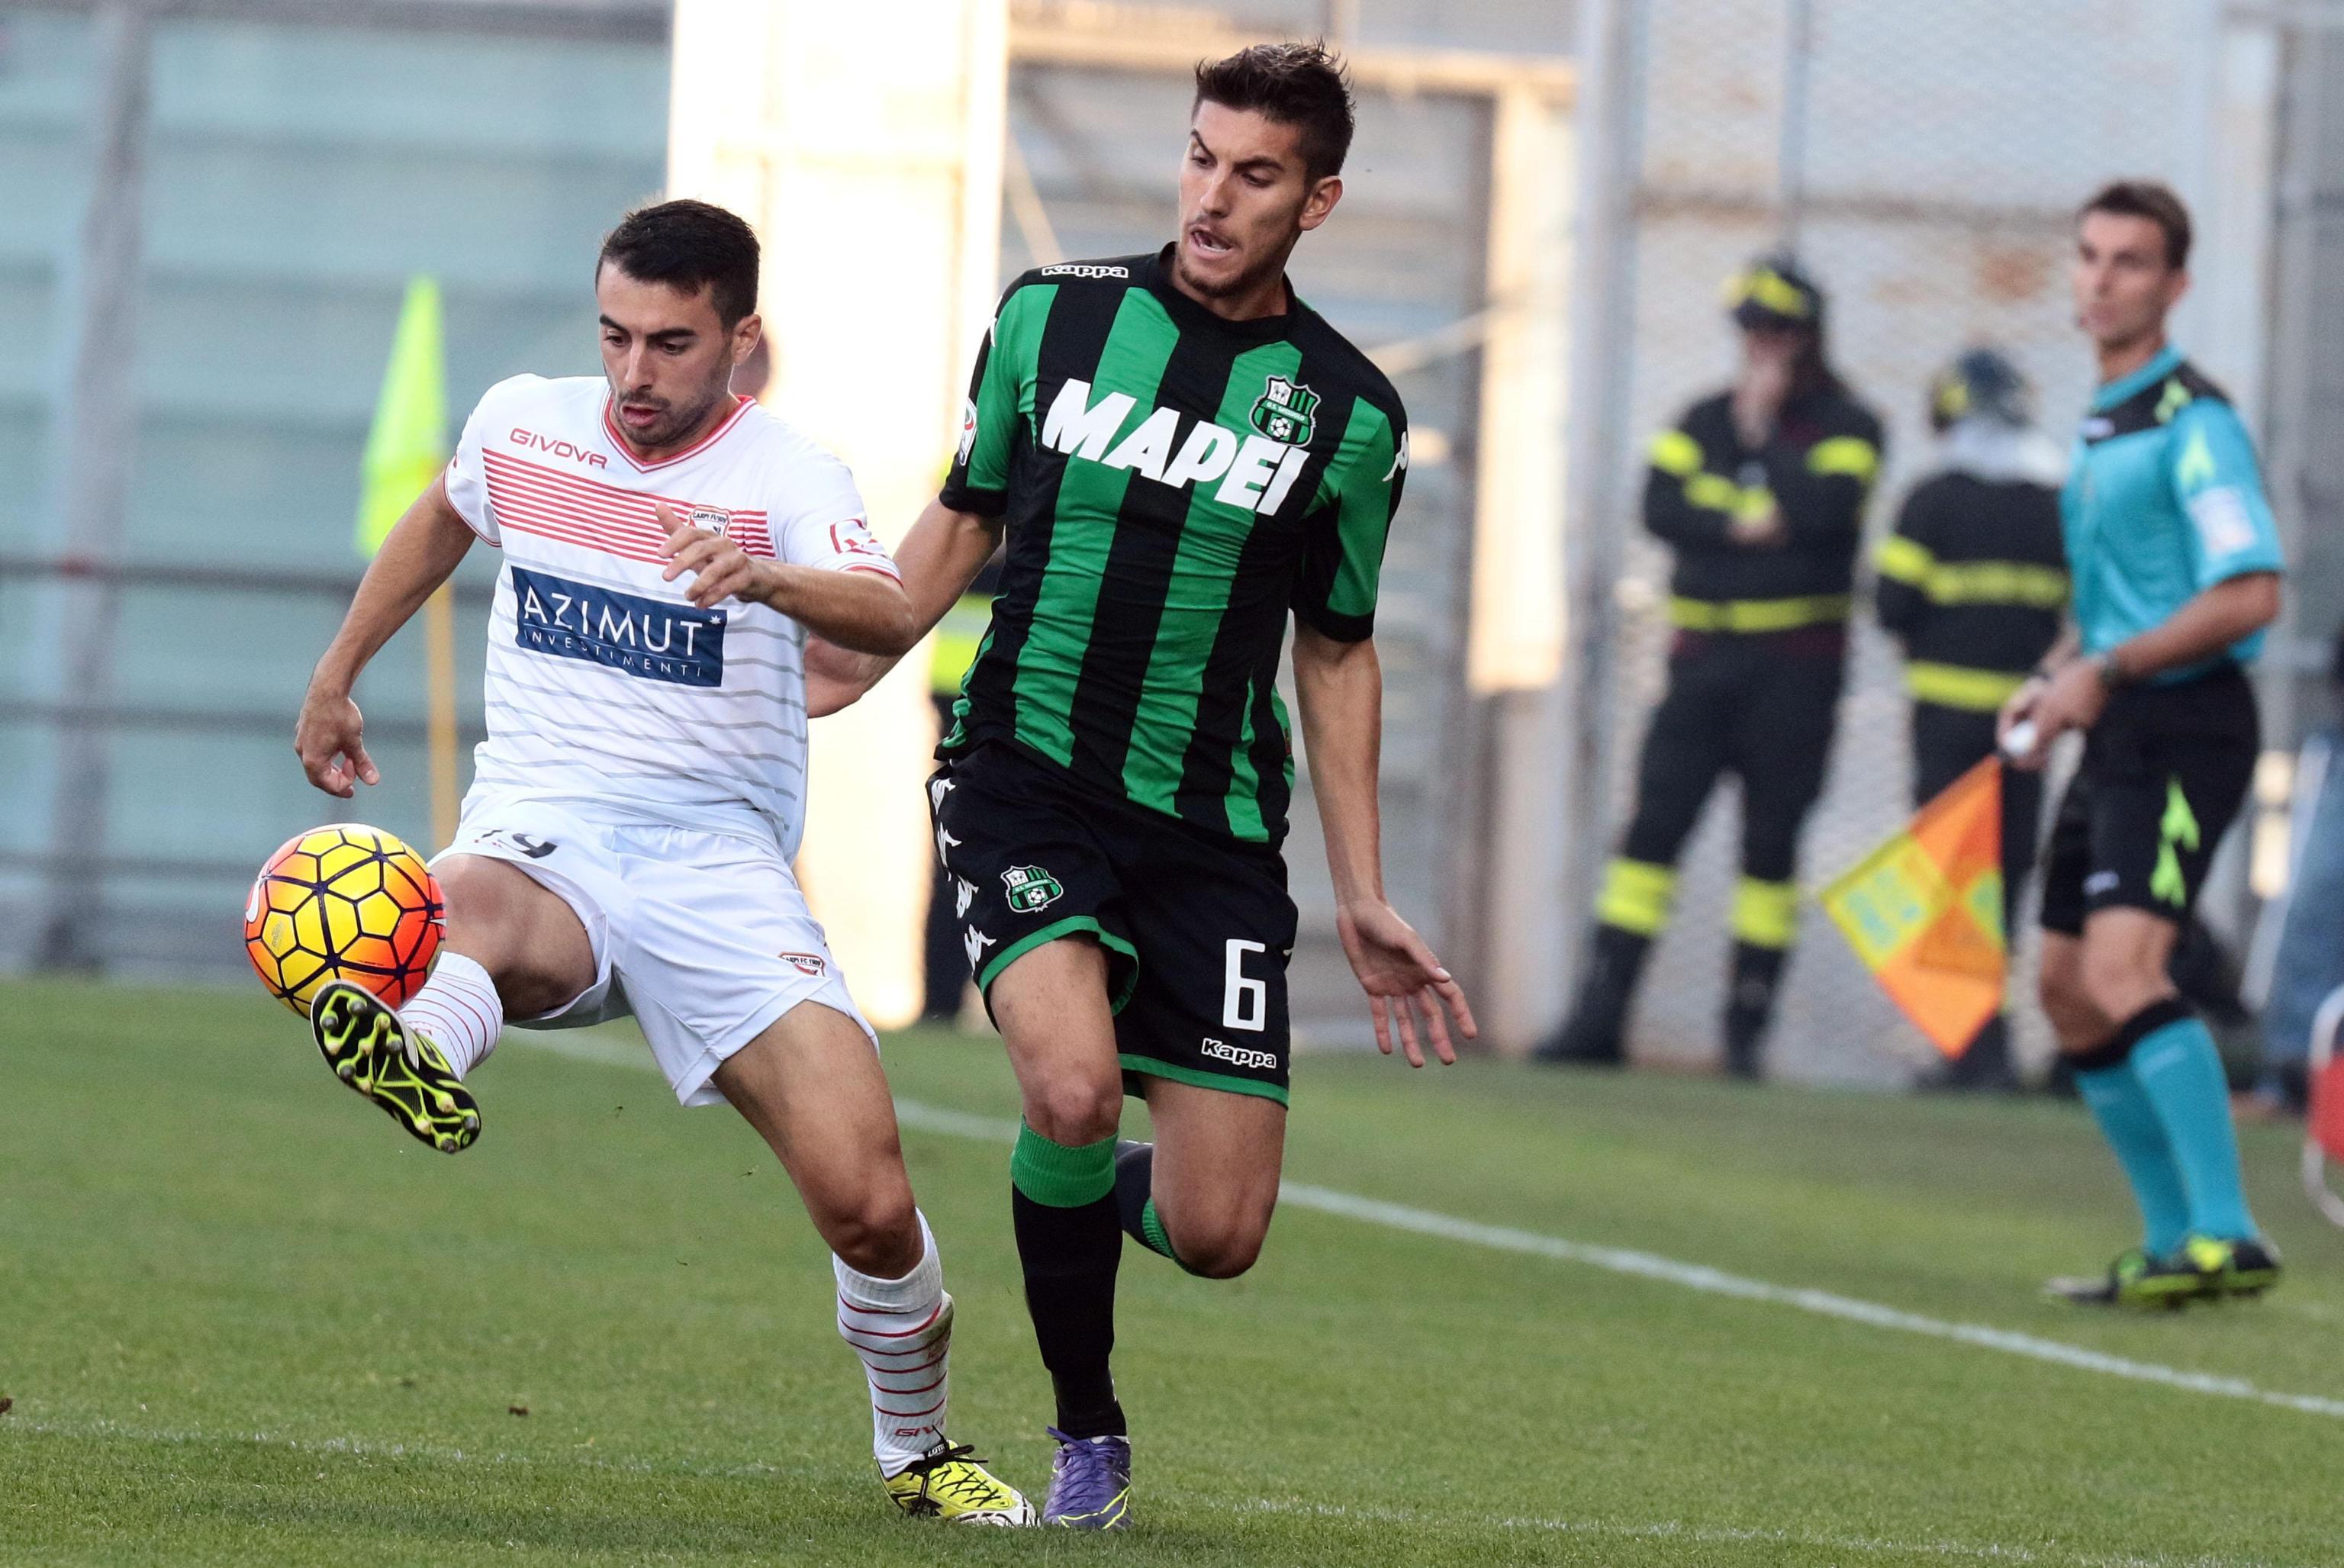 Soccer: Serie A; Sassuolo-Carpi